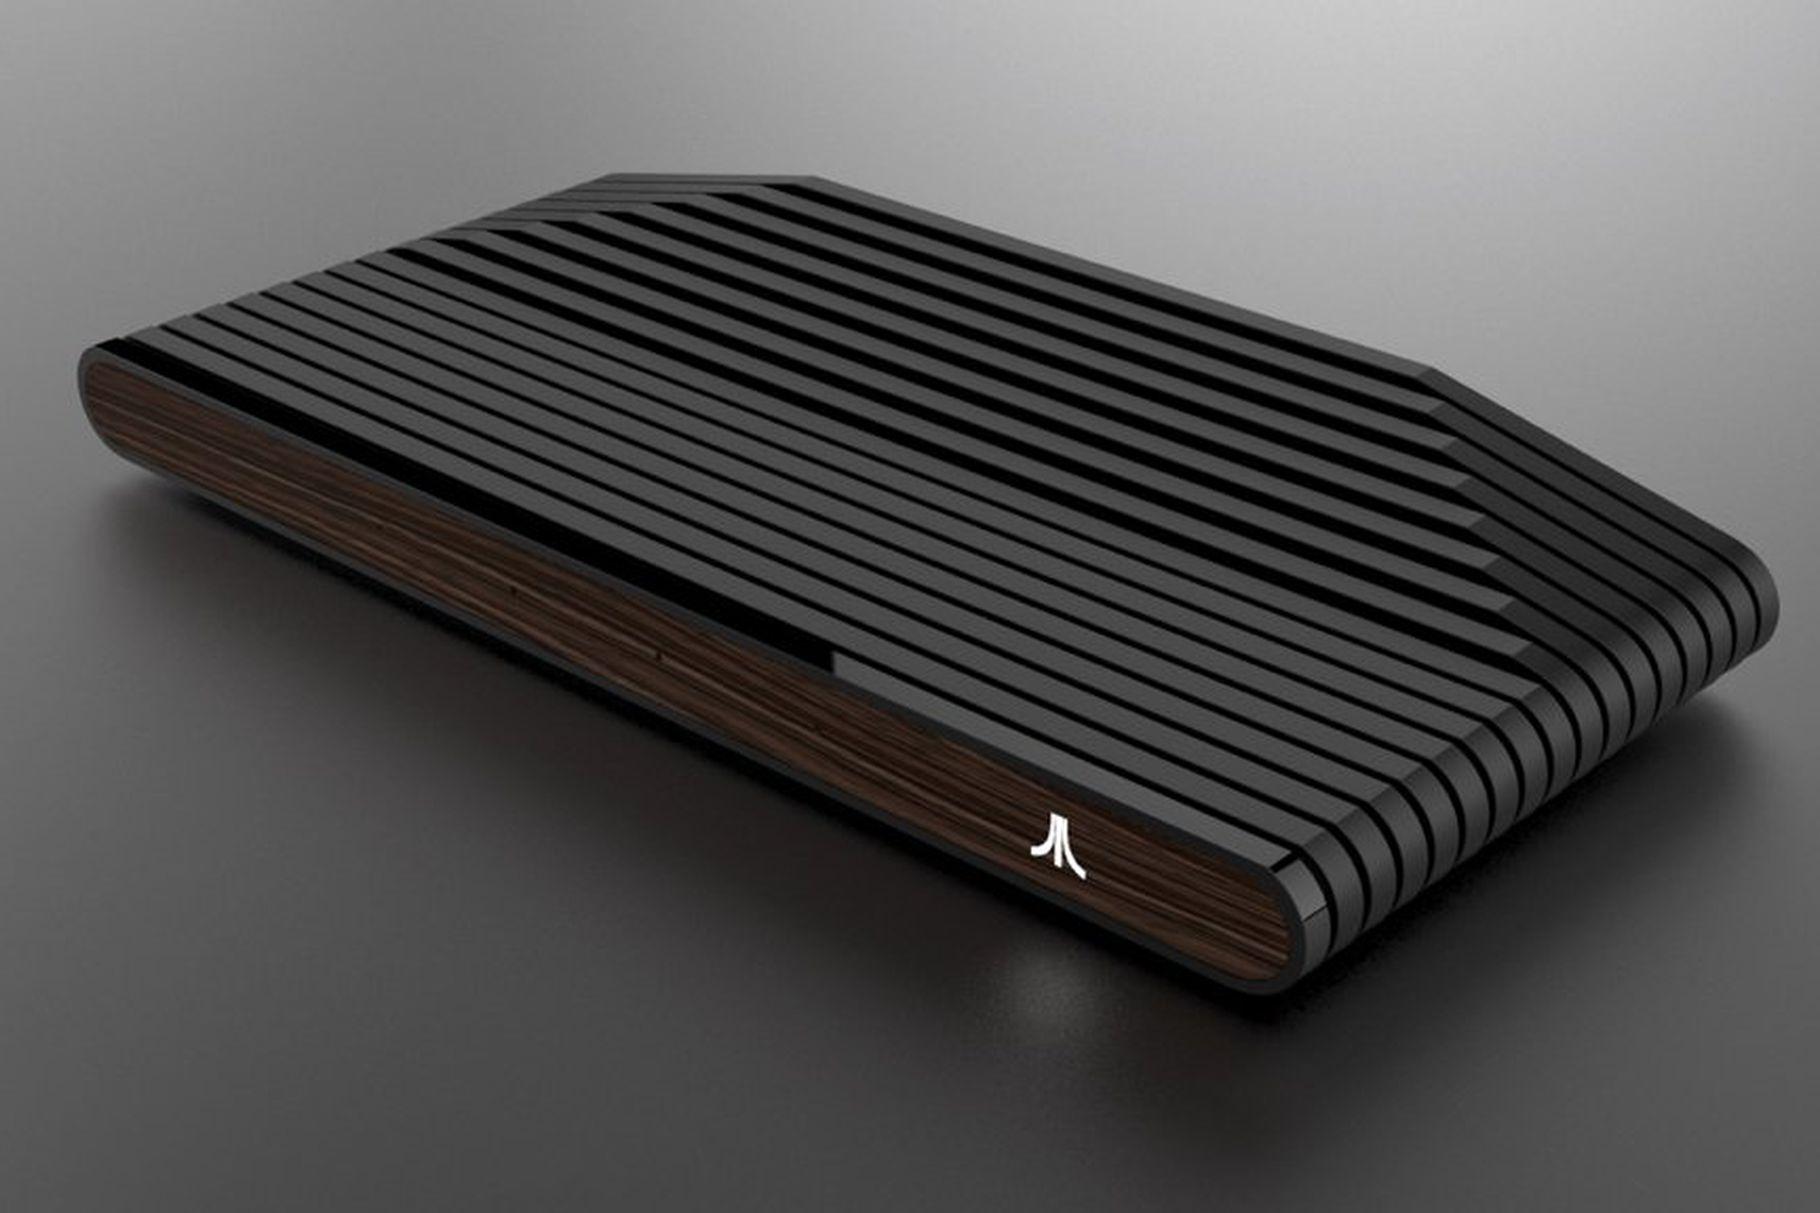 La prochaine console d'Atari pourrait coûter autant qu'une PS4 ou une Switch